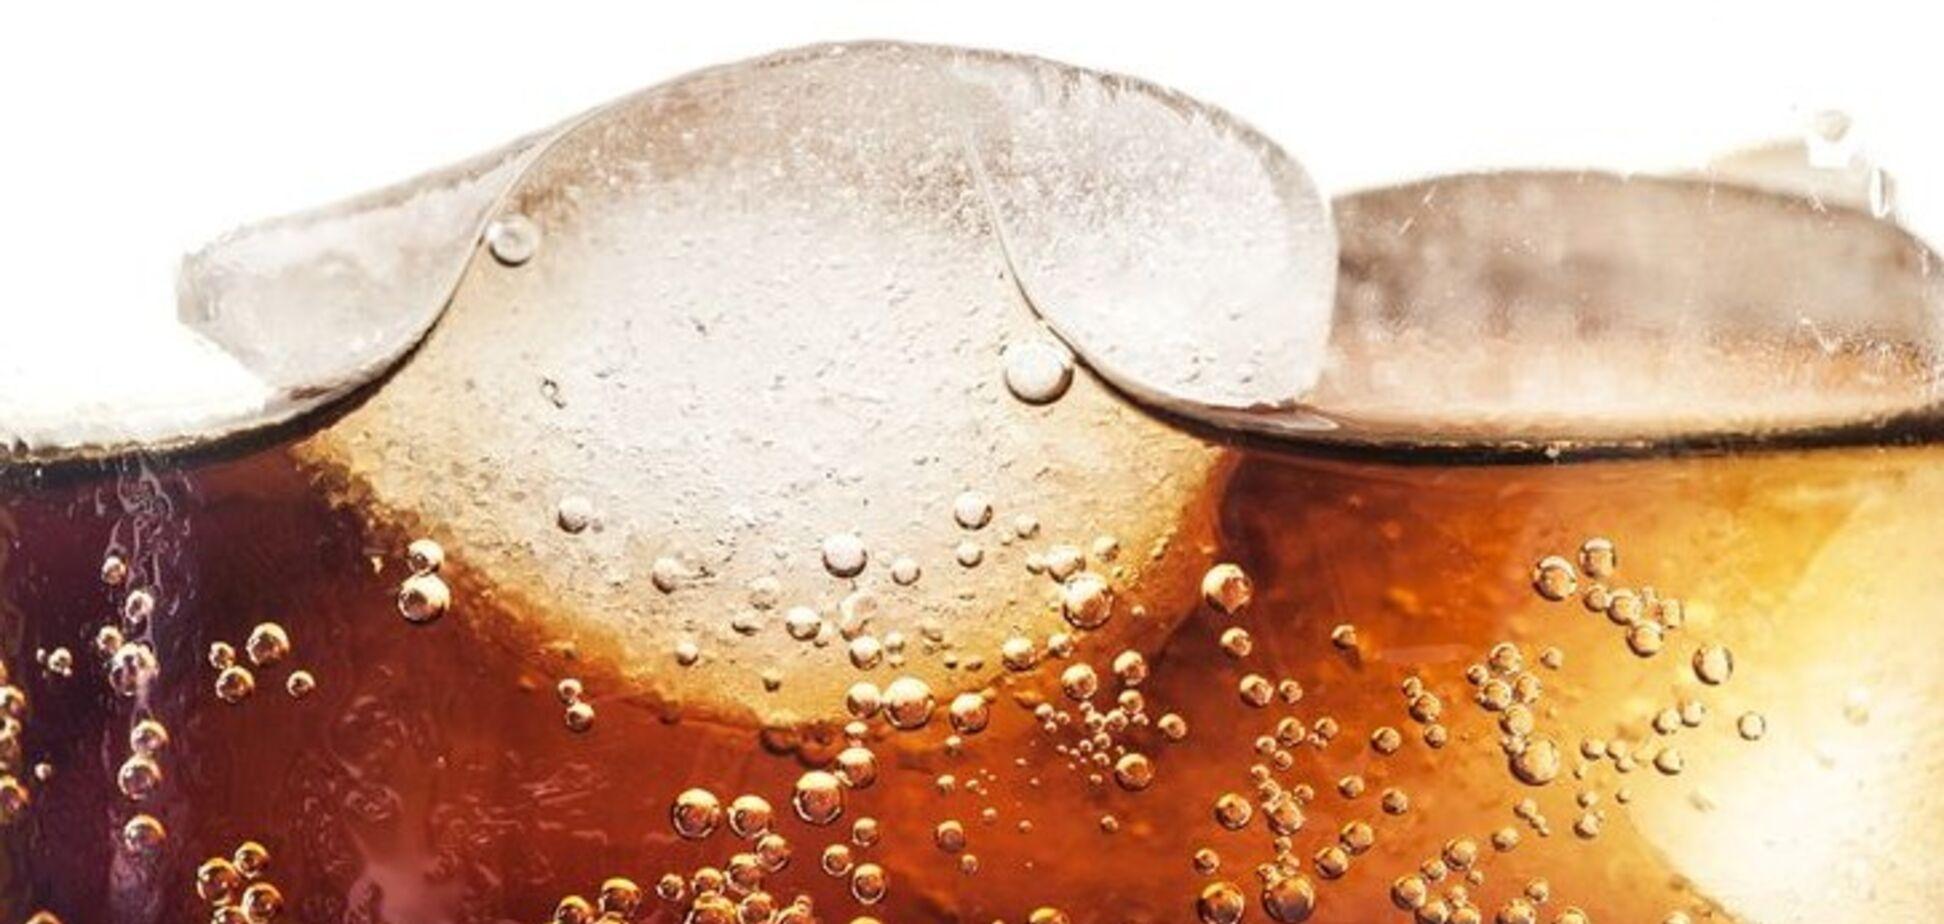 Американці назвали продукти, що провокують хвороби кишечника